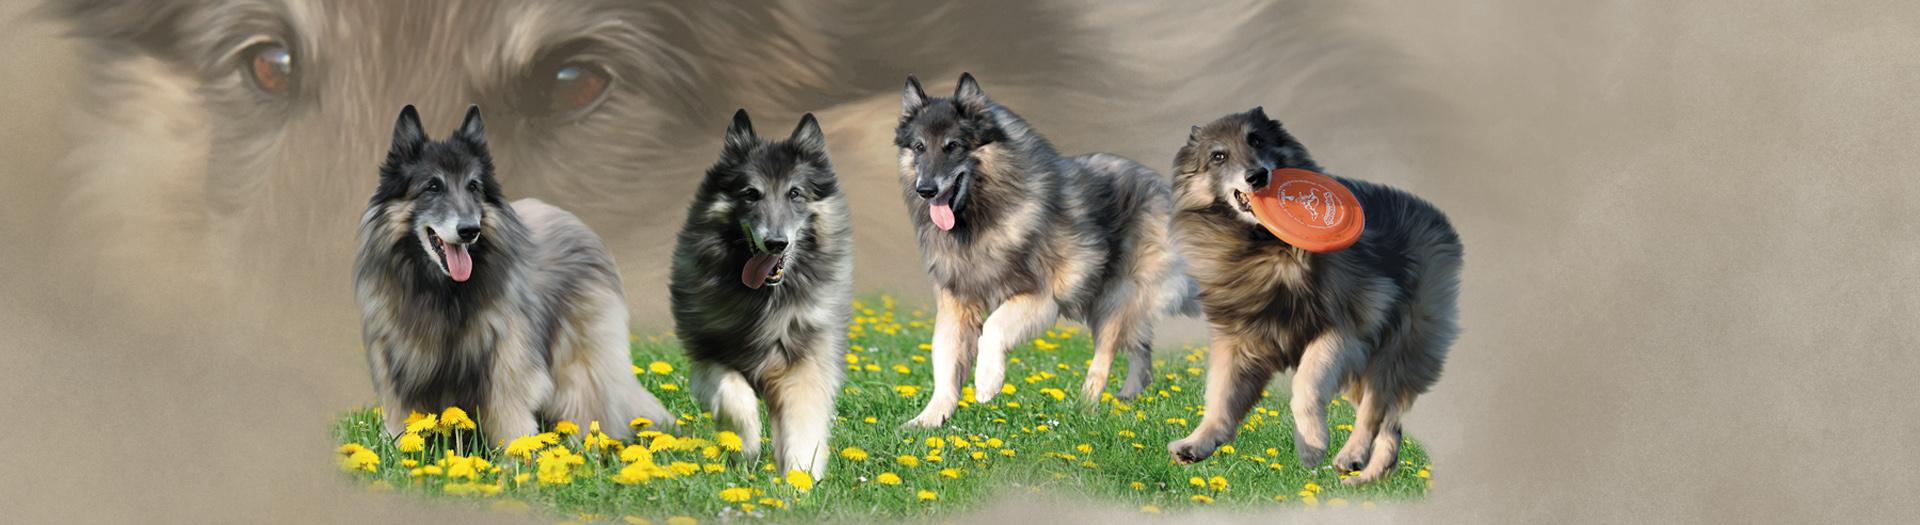 Hunde-Collage durch Foto-Collage mit Hunden